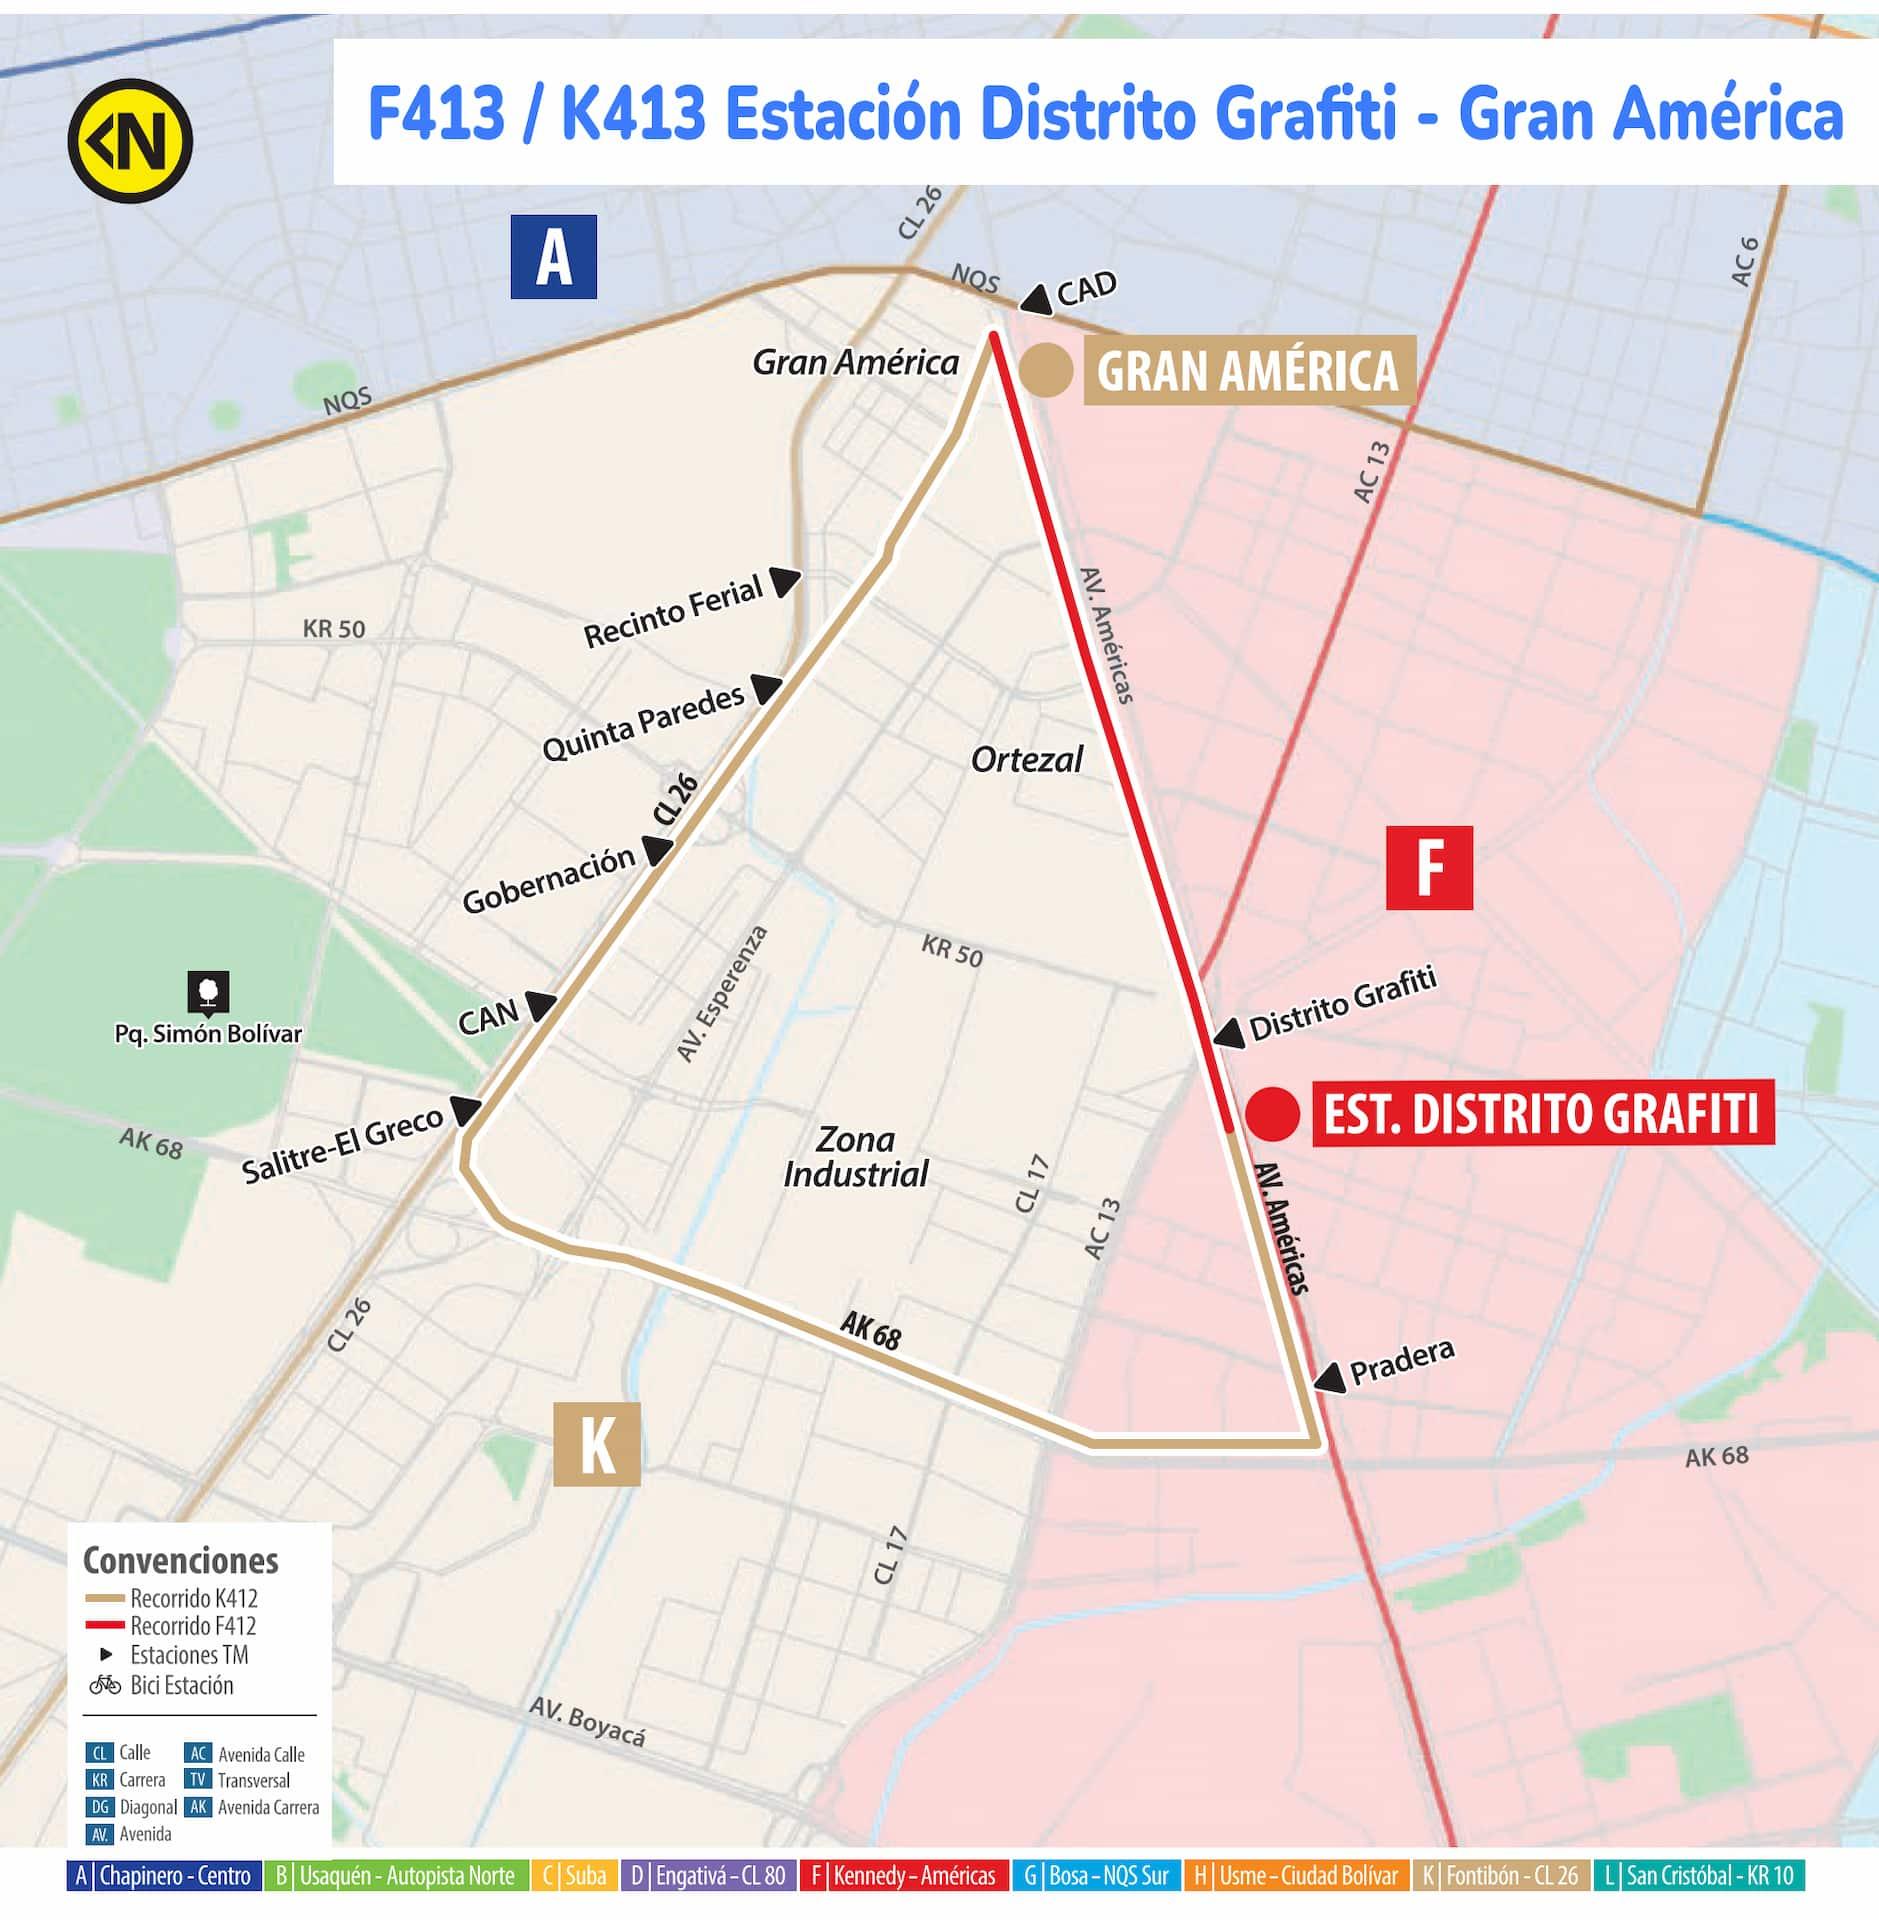 Ruta SITP F413 - K413 - Estación Distrito Grafiti - Gran América, urbana